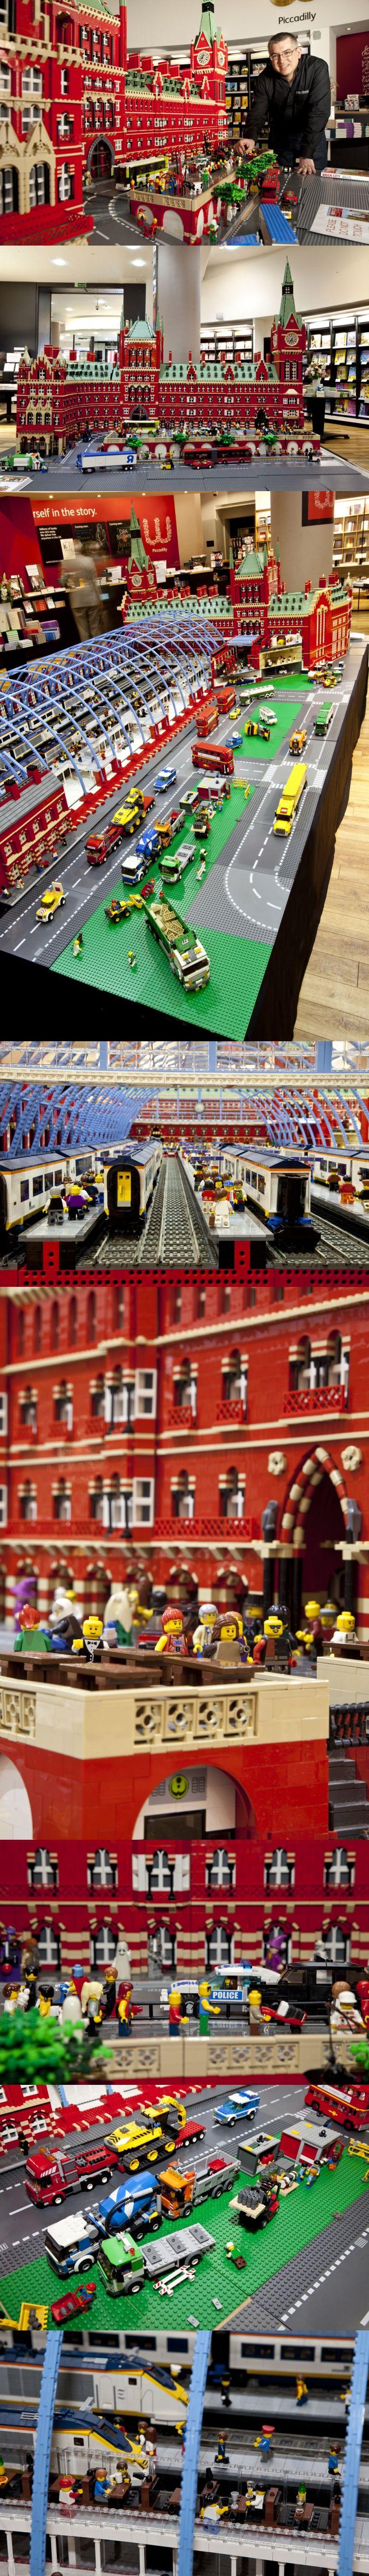 Un mundo de lego.